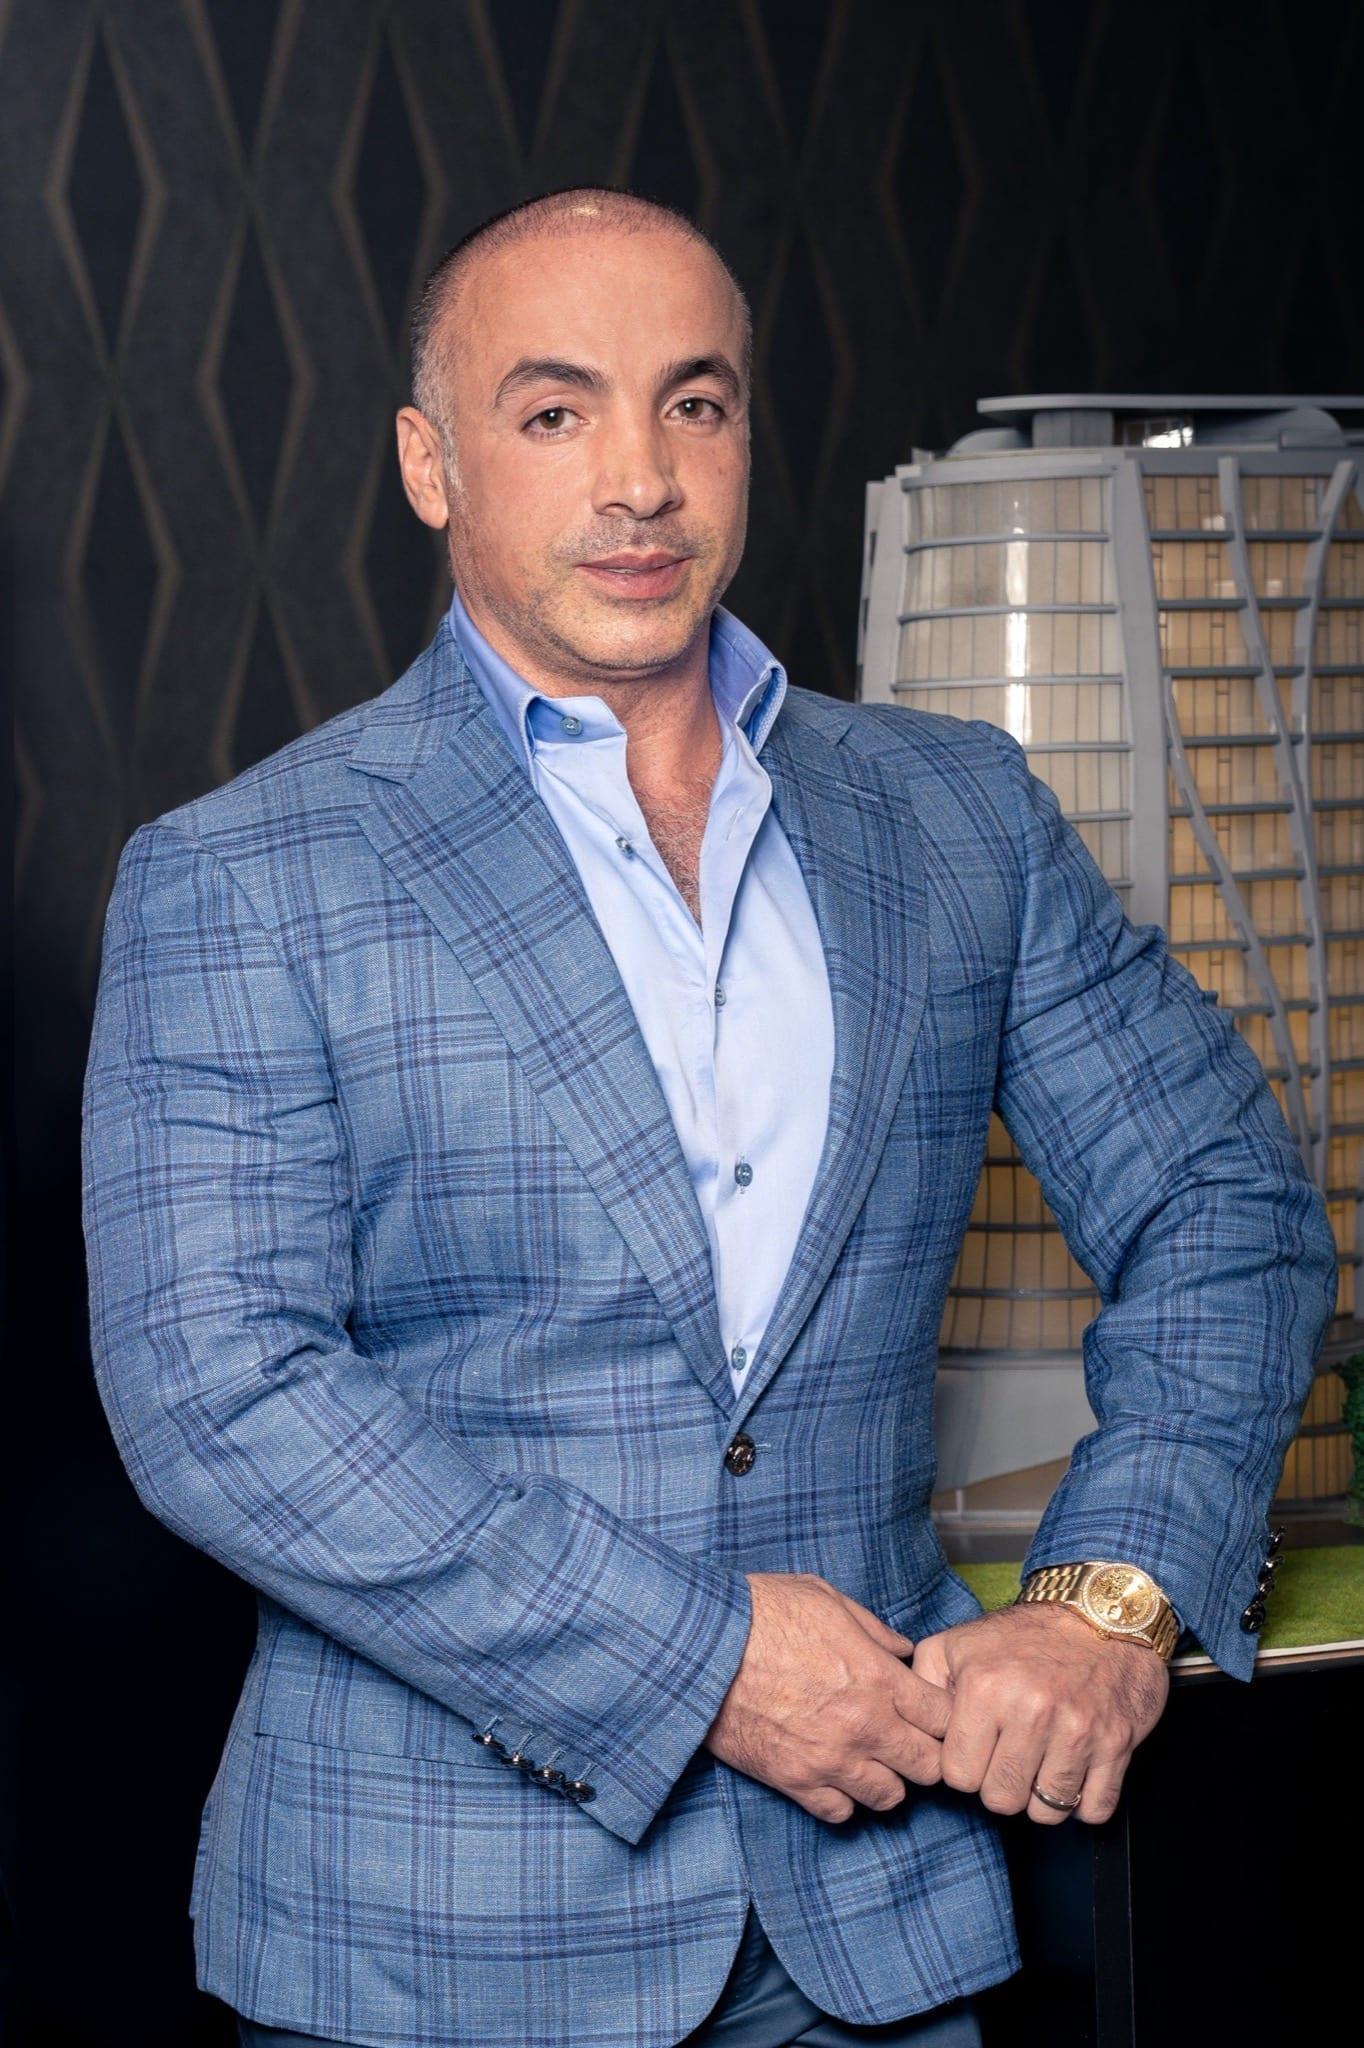 """robertino georgescu - Dezvoltatorii proiectului Crown Towers: """"Pregătim investiții de până la 170 de milioane de euro în piața rezidențială din București"""""""